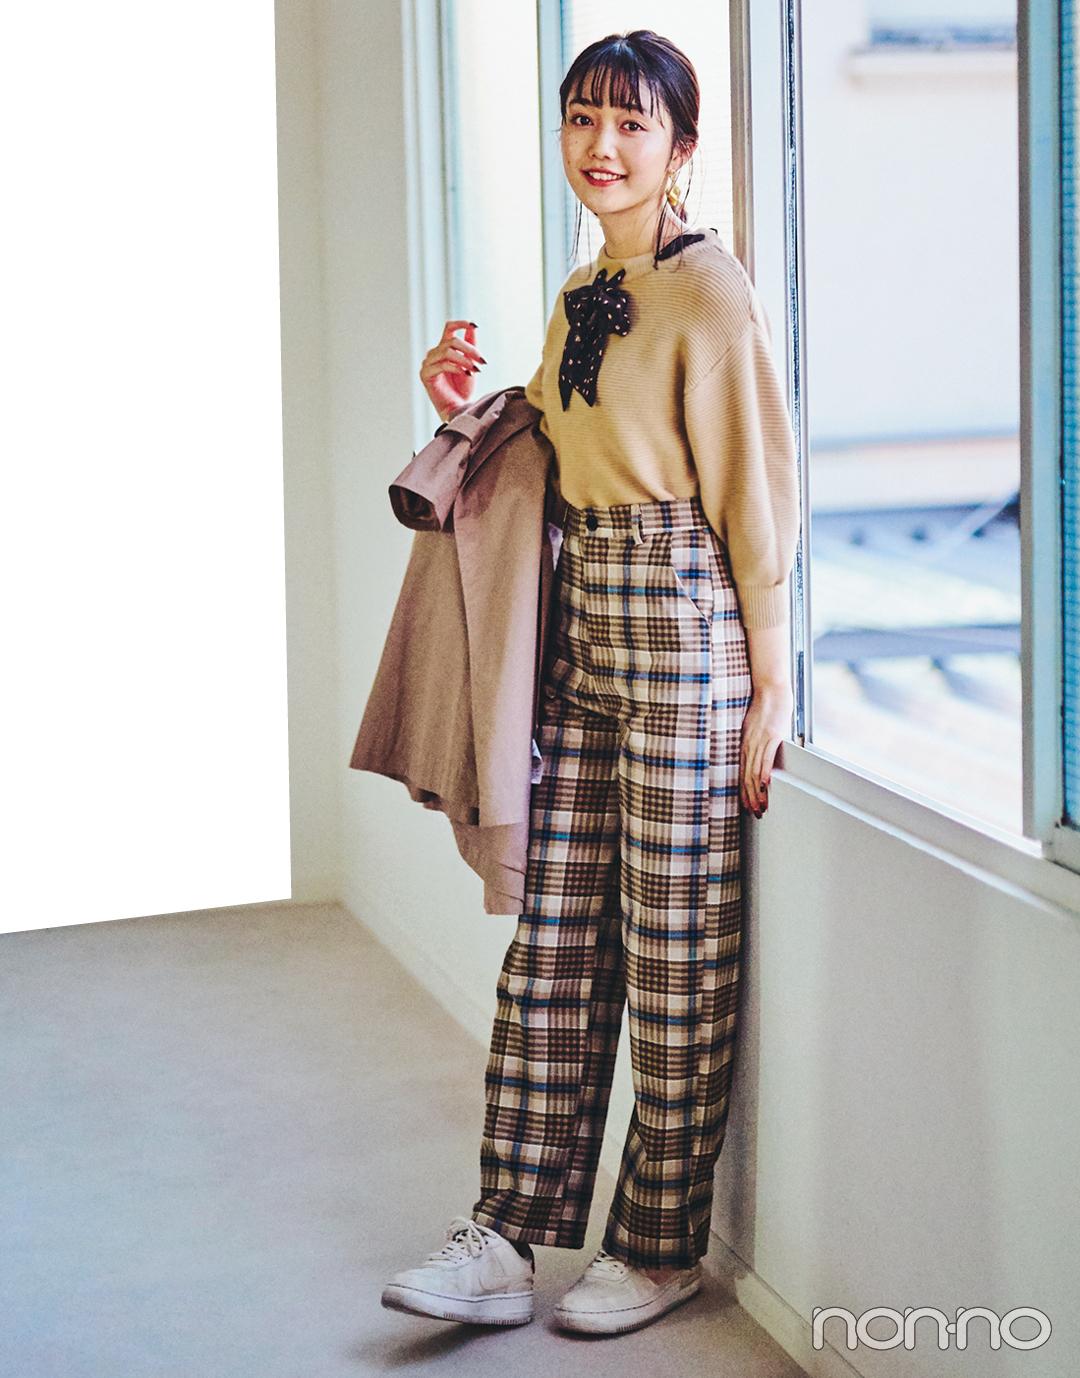 Photo Gallery 着こなしの参考に♡ ノンノモデルのリアル私服を公開!_1_15